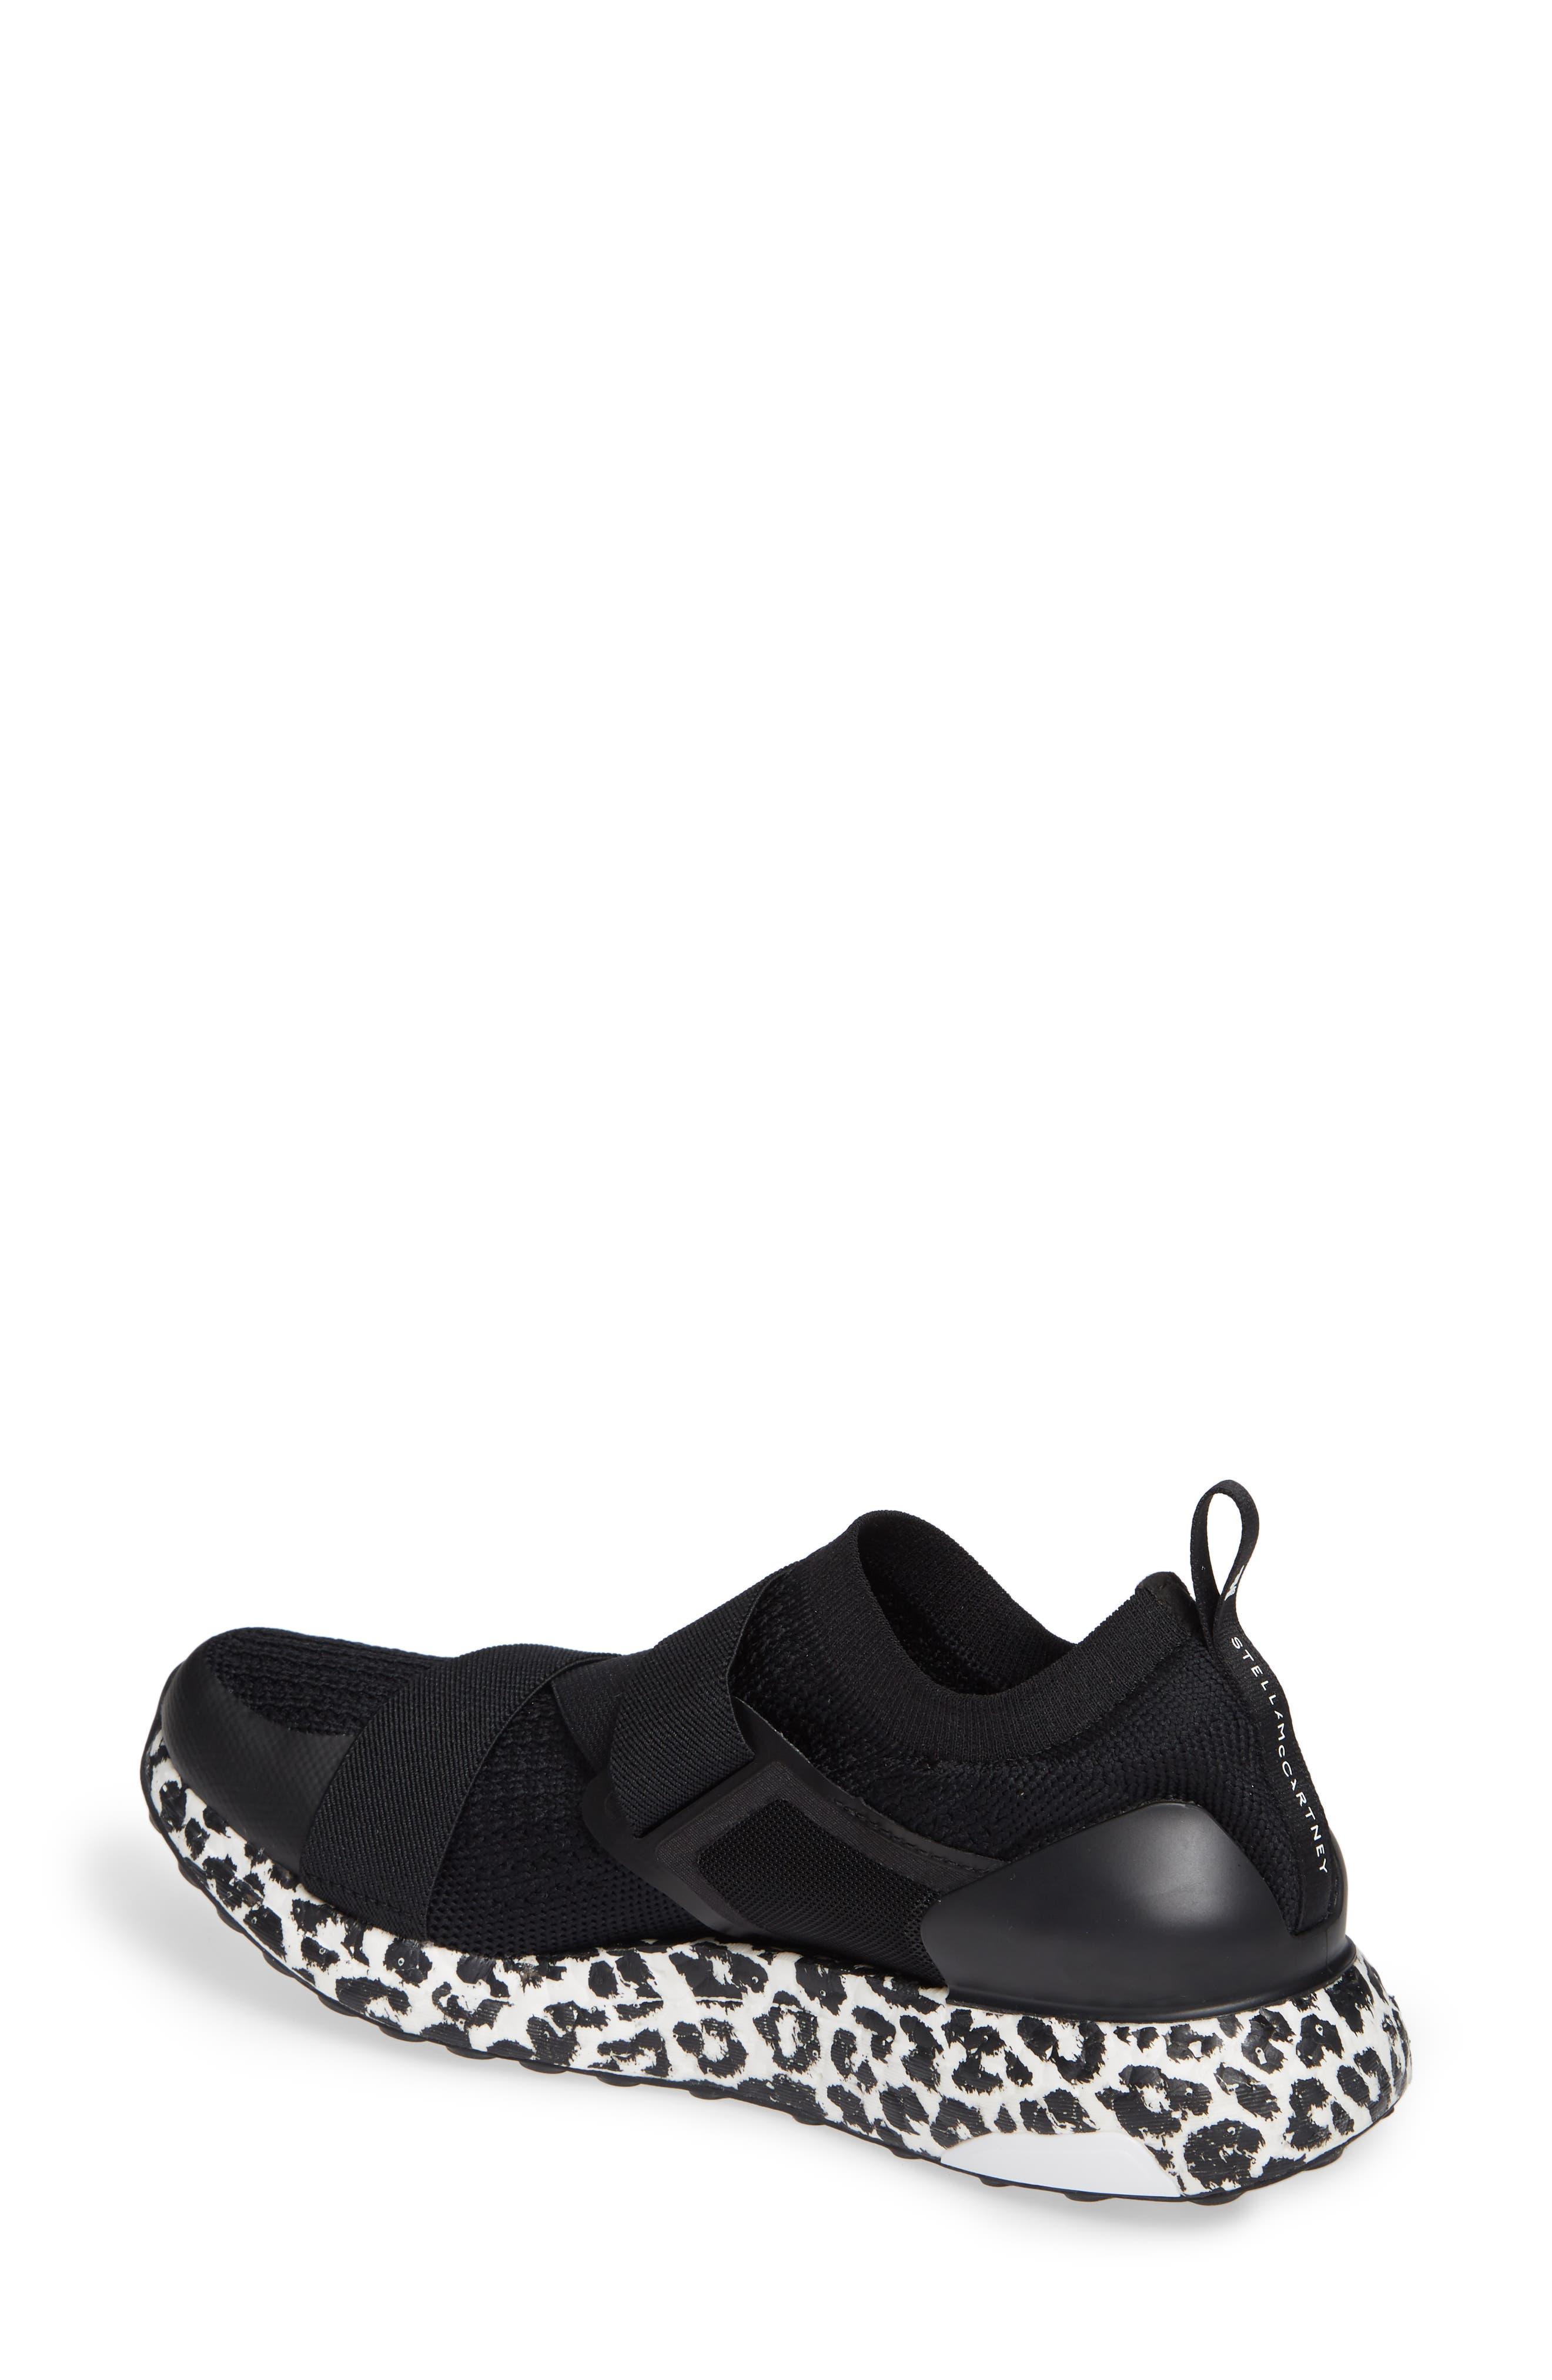 UltraBoost X Running Shoe,                             Alternate thumbnail 2, color,                             BLACK/ BLACK/ WHITE